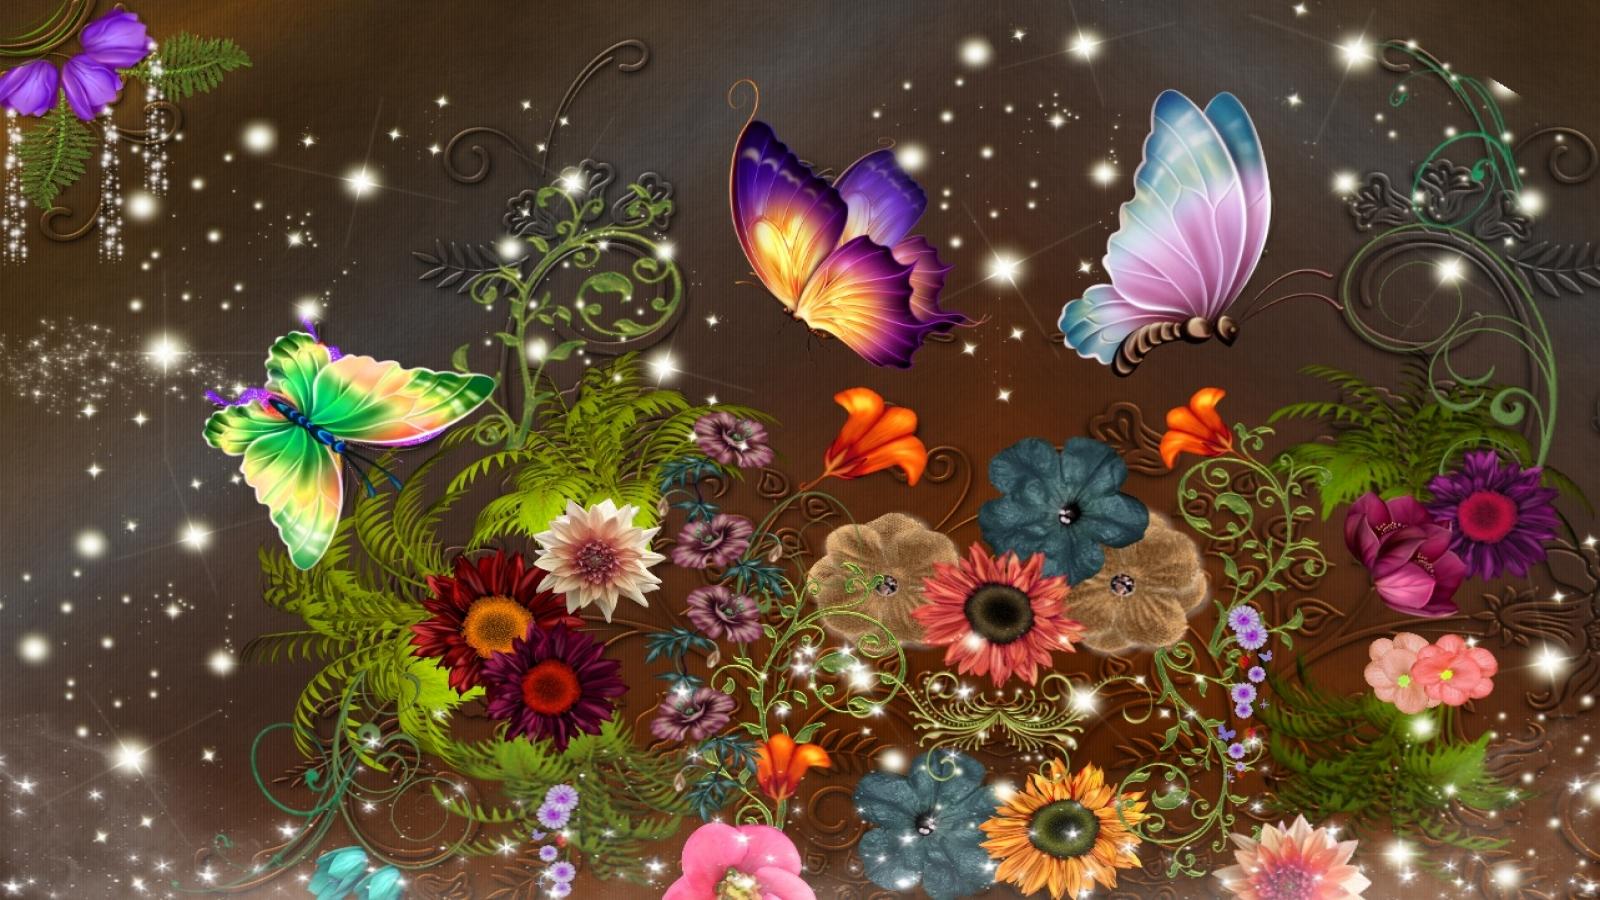 Butterfly Wallpaper Rainbow Butterfly Wallpaper Hd: Beautiful Butterfly Wallpapers For Desktop